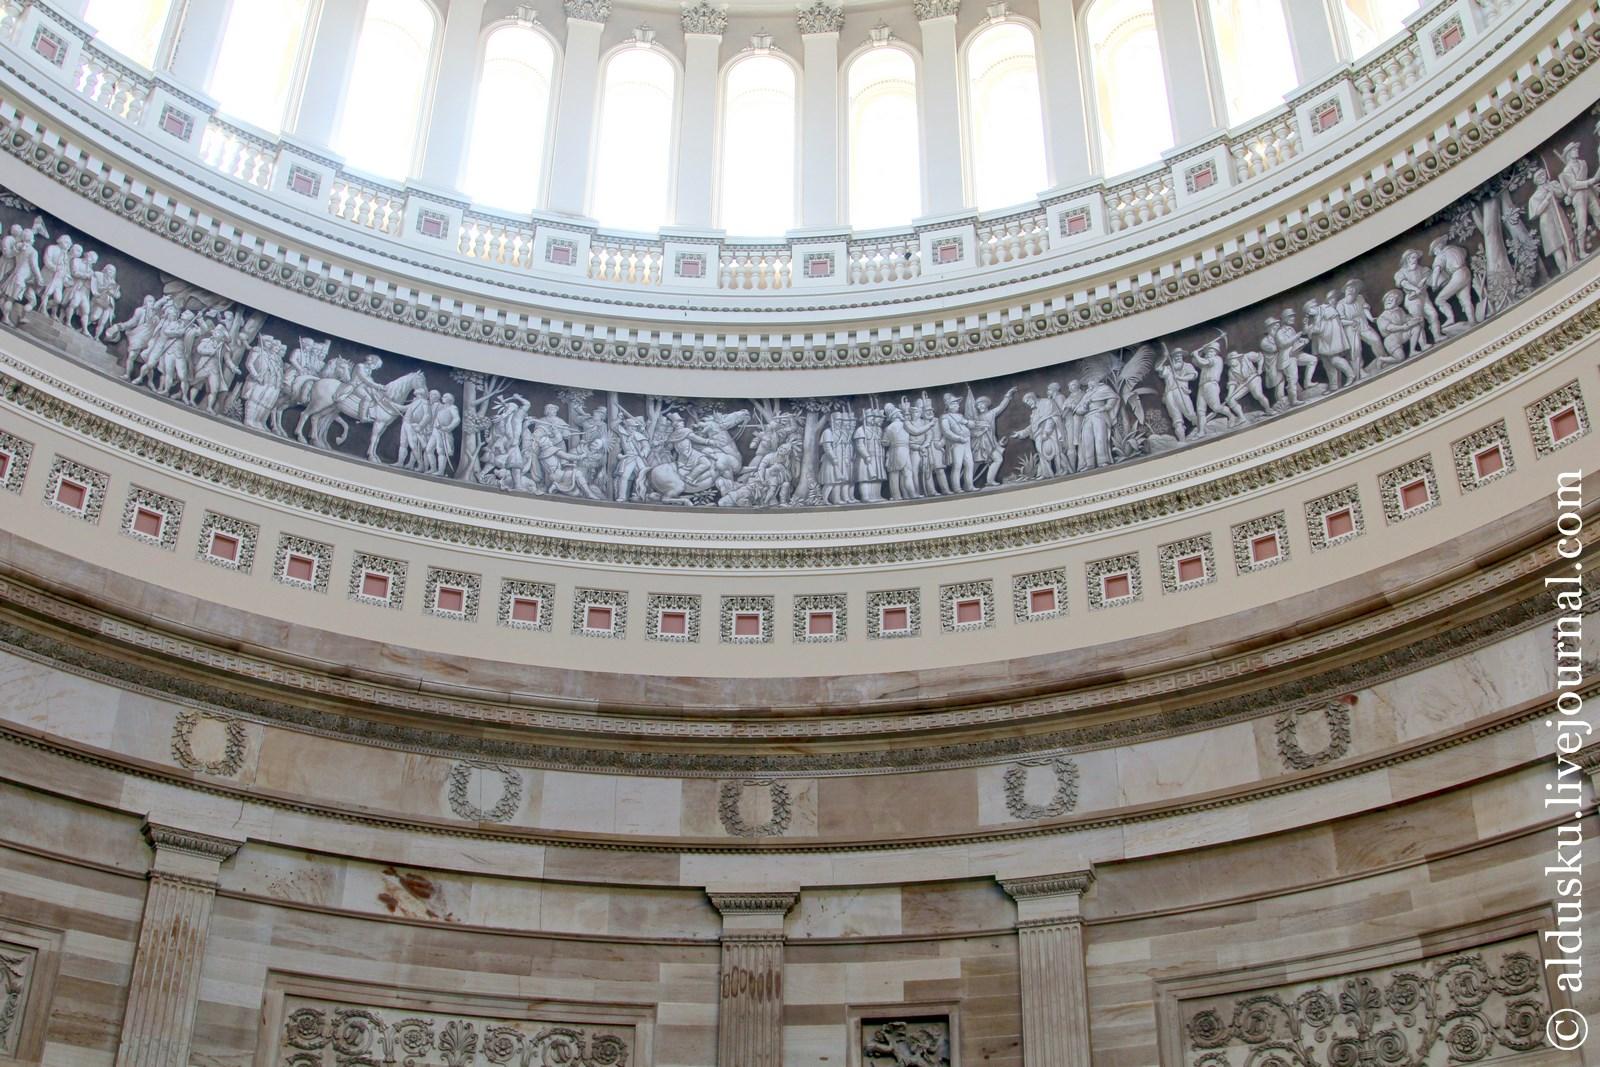 Посередине — Бордюр американской Истории (фреска из 19 сцен из американской истории). Работа Константино Брумиди и Филиппо Костагджини